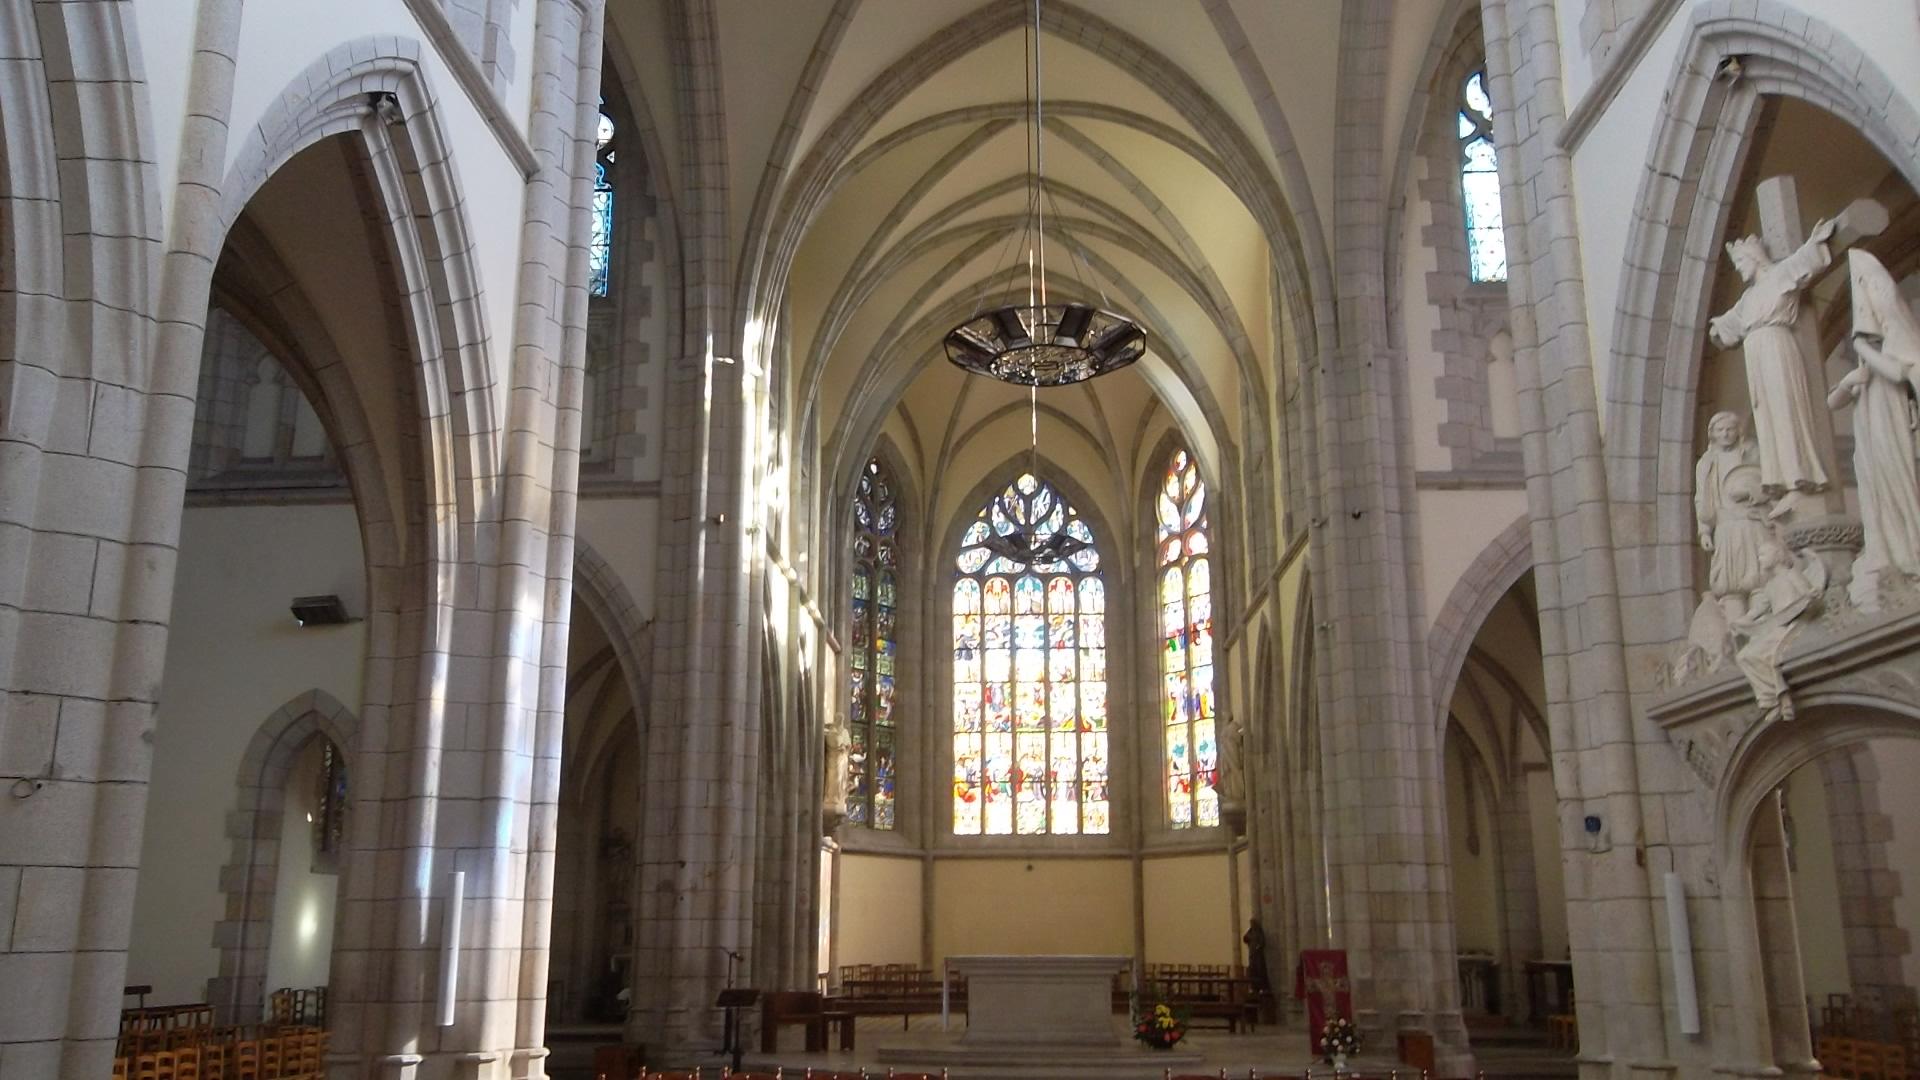 quimper-ch-st-mathieu-nave-feb13